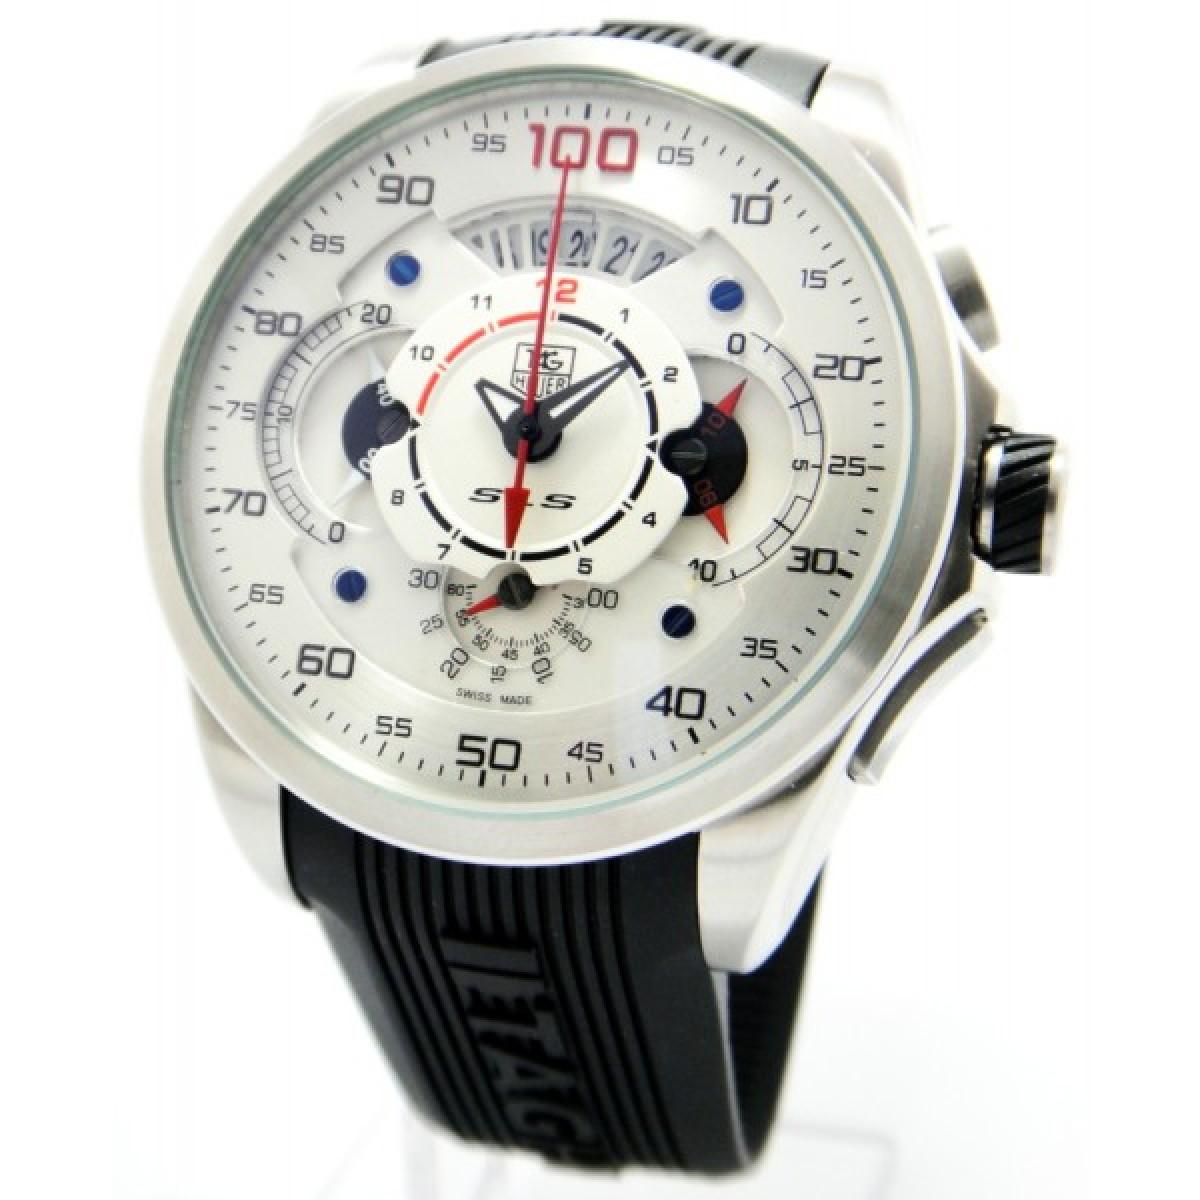 9408bb6faea Relógios Réplicas Tag Heuer Carrera Mercedez Slr